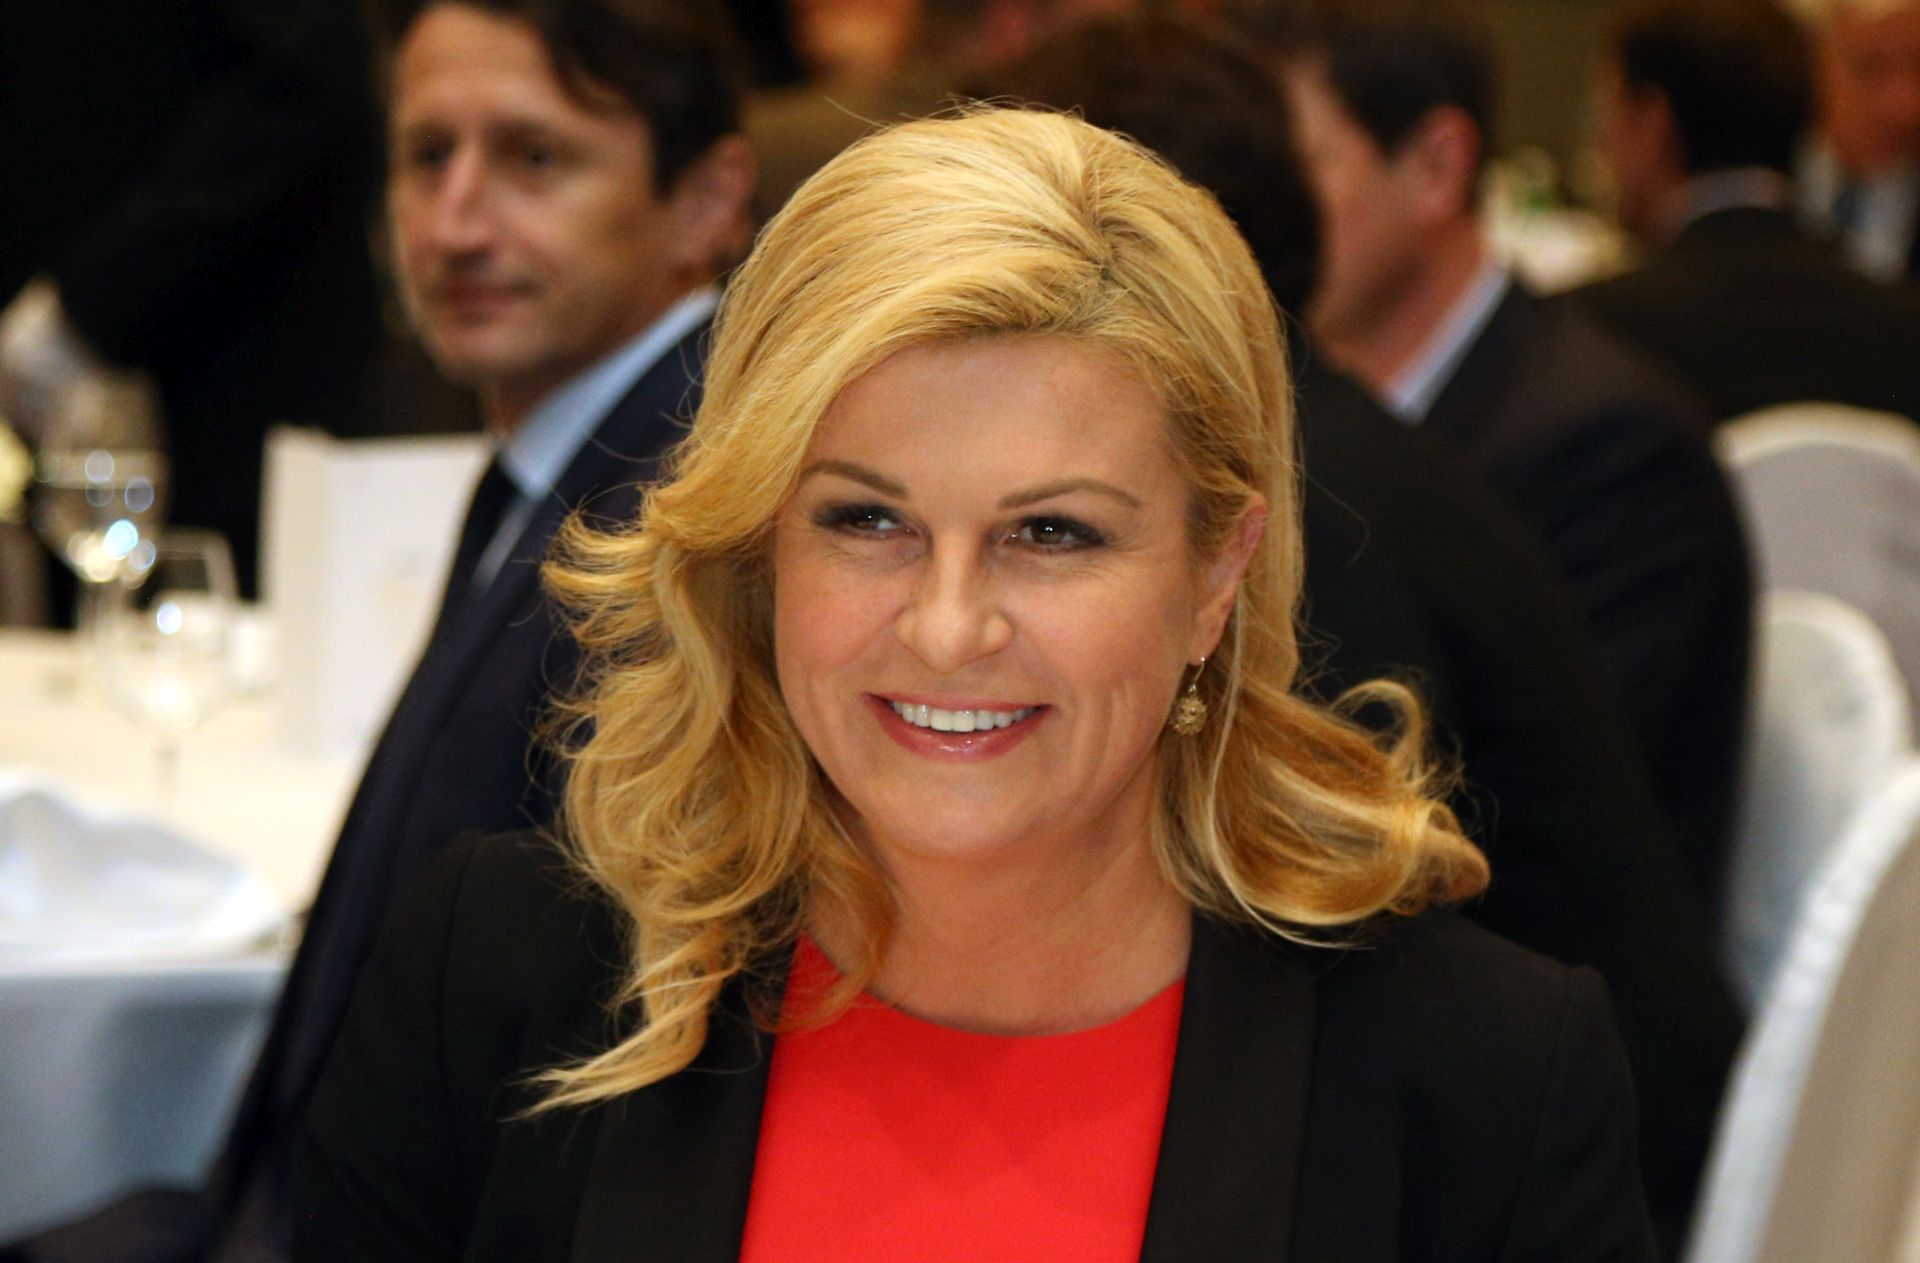 Hrvatska predsjednica danas počinje radni posjet Kanadi